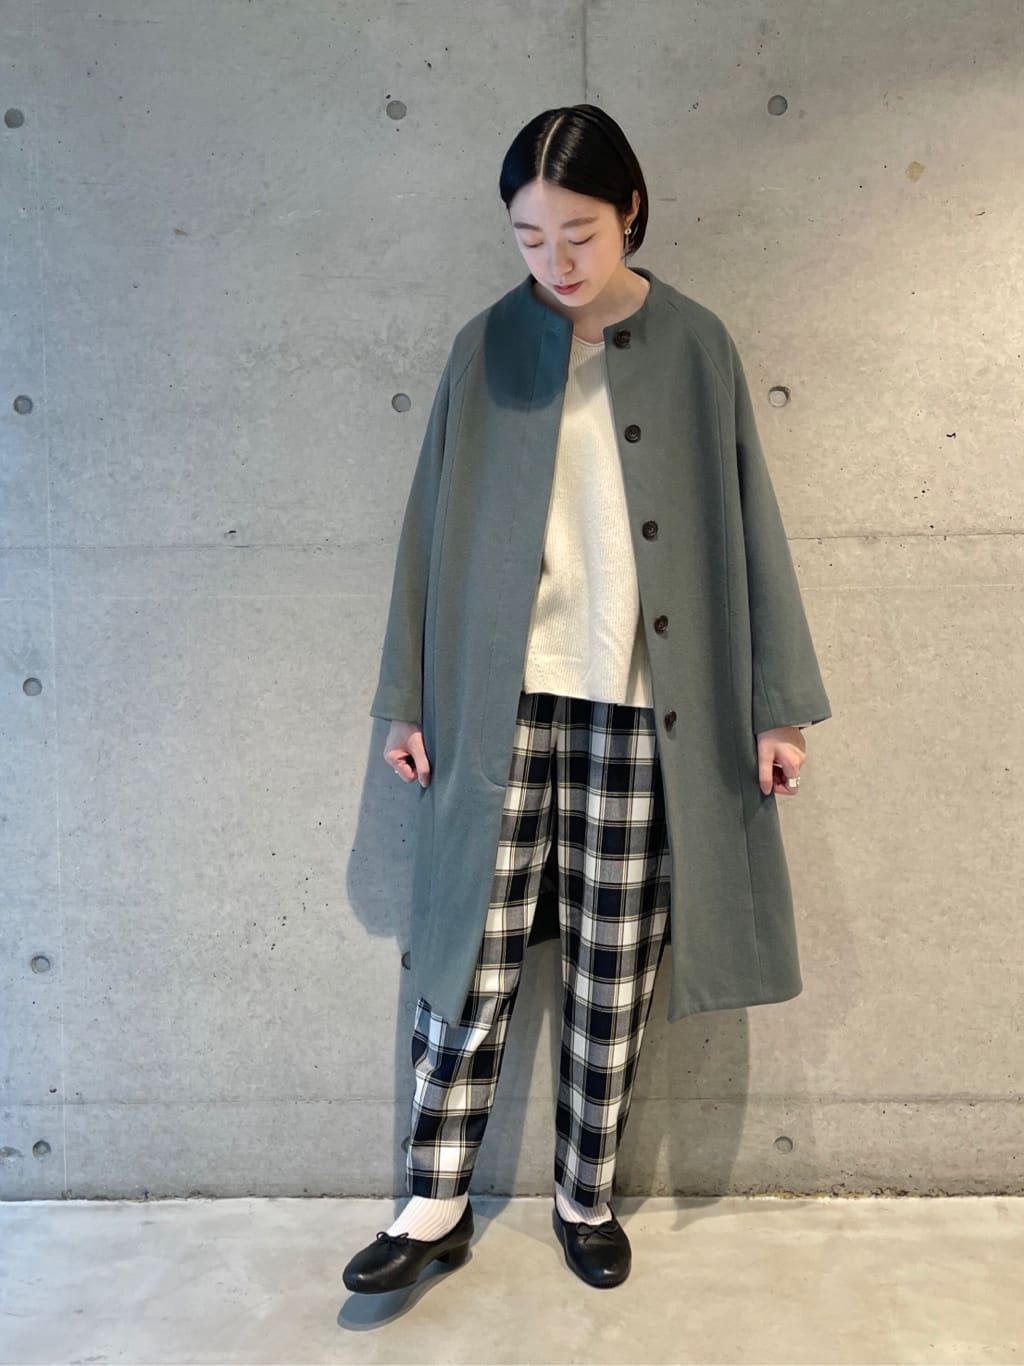 yuni ニュウマン横浜 身長:166cm 2021.09.21